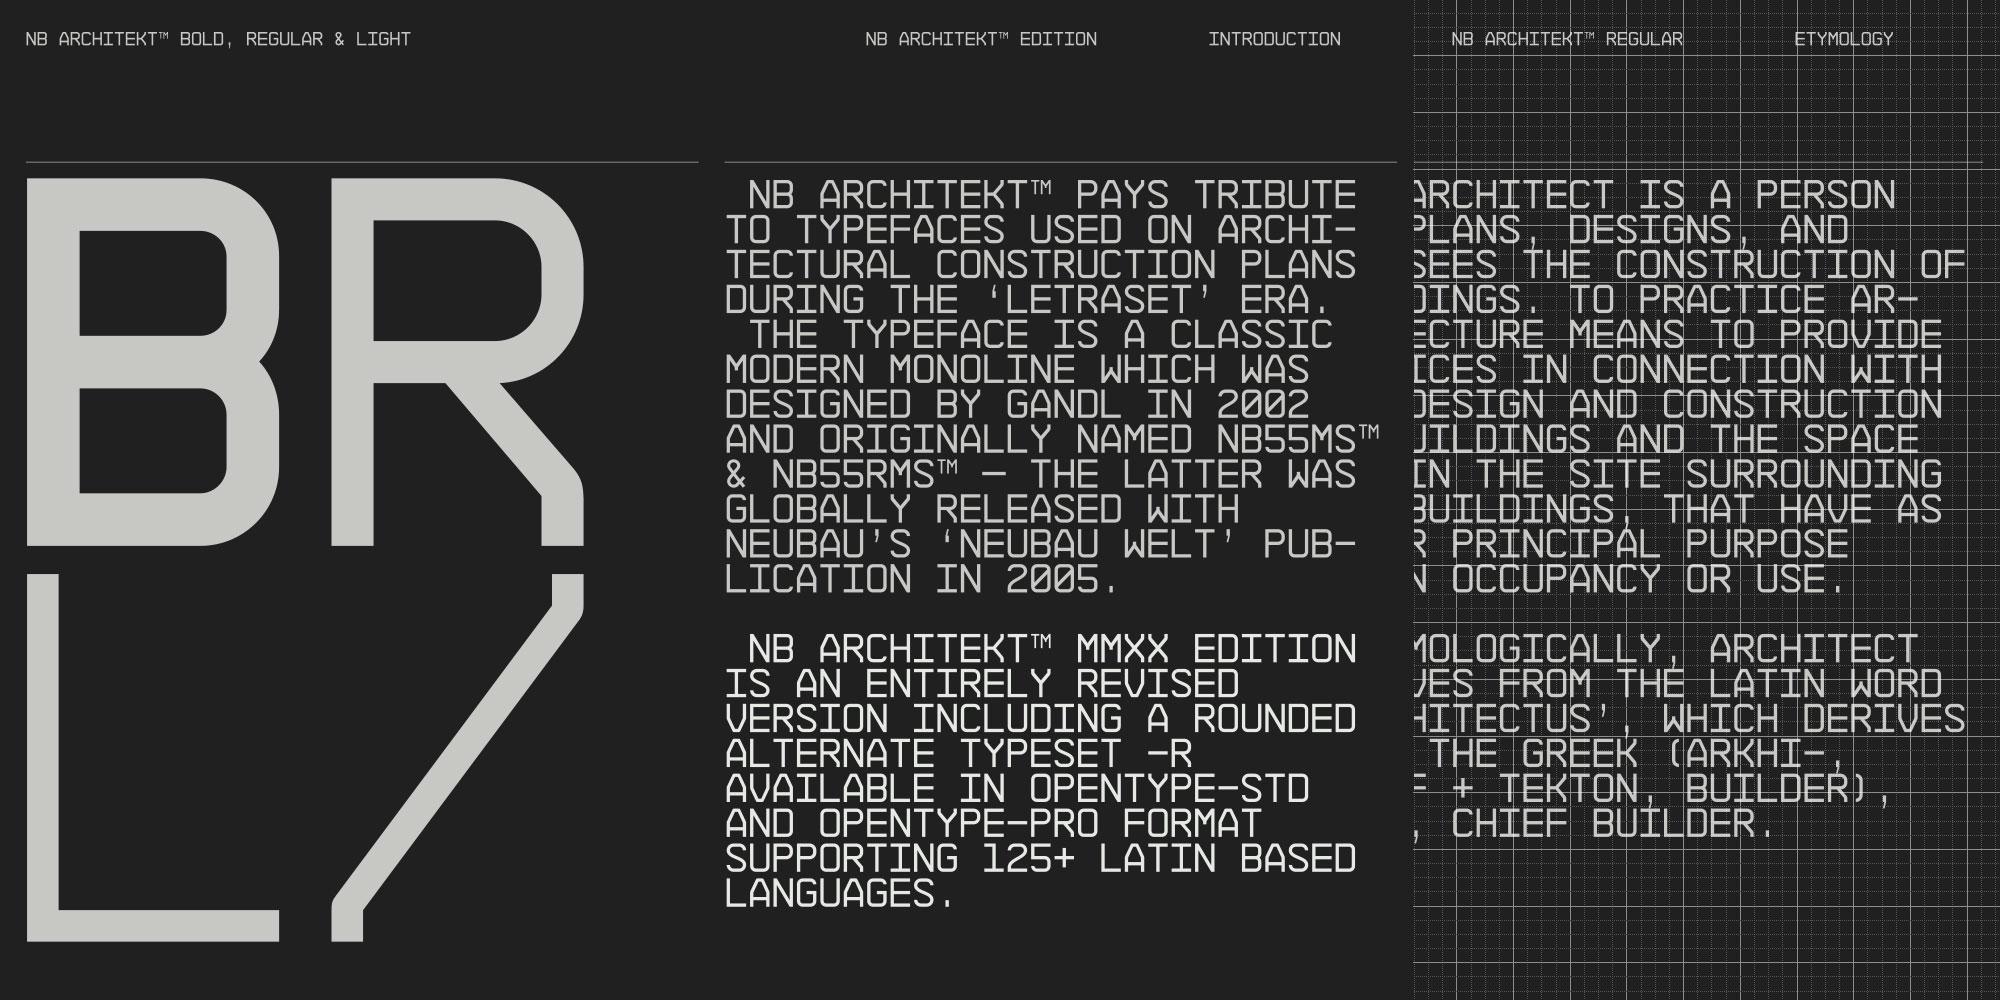 NBL_NB_Architekt_ED_MMXX_BRL